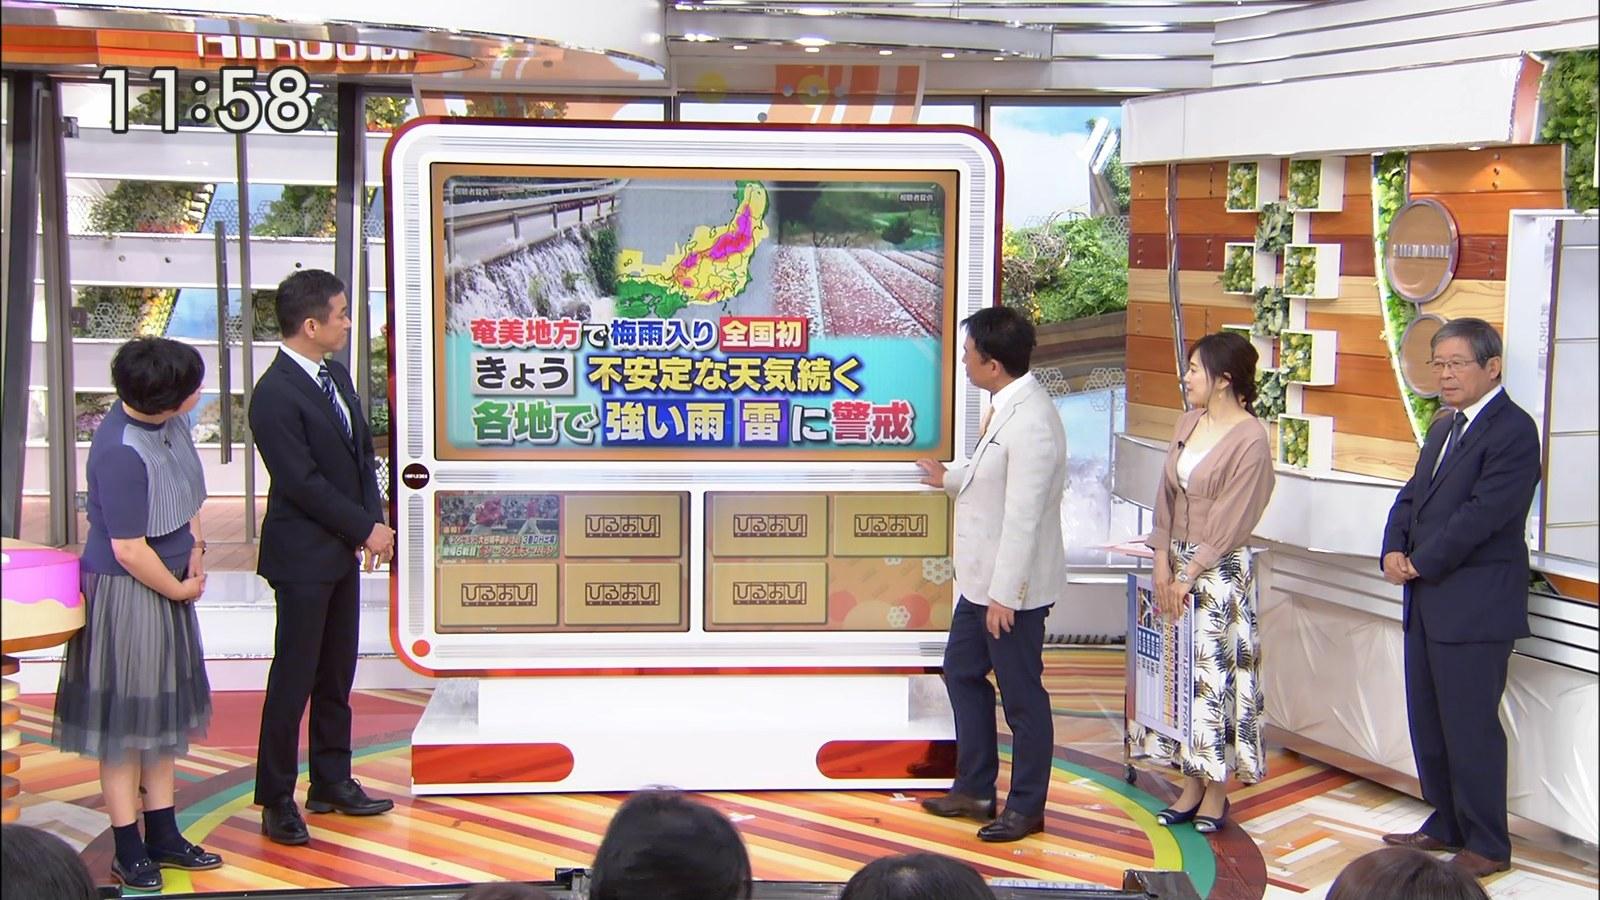 2019年5月14日『ひるおび!』のテレビキャプチャー画像-010